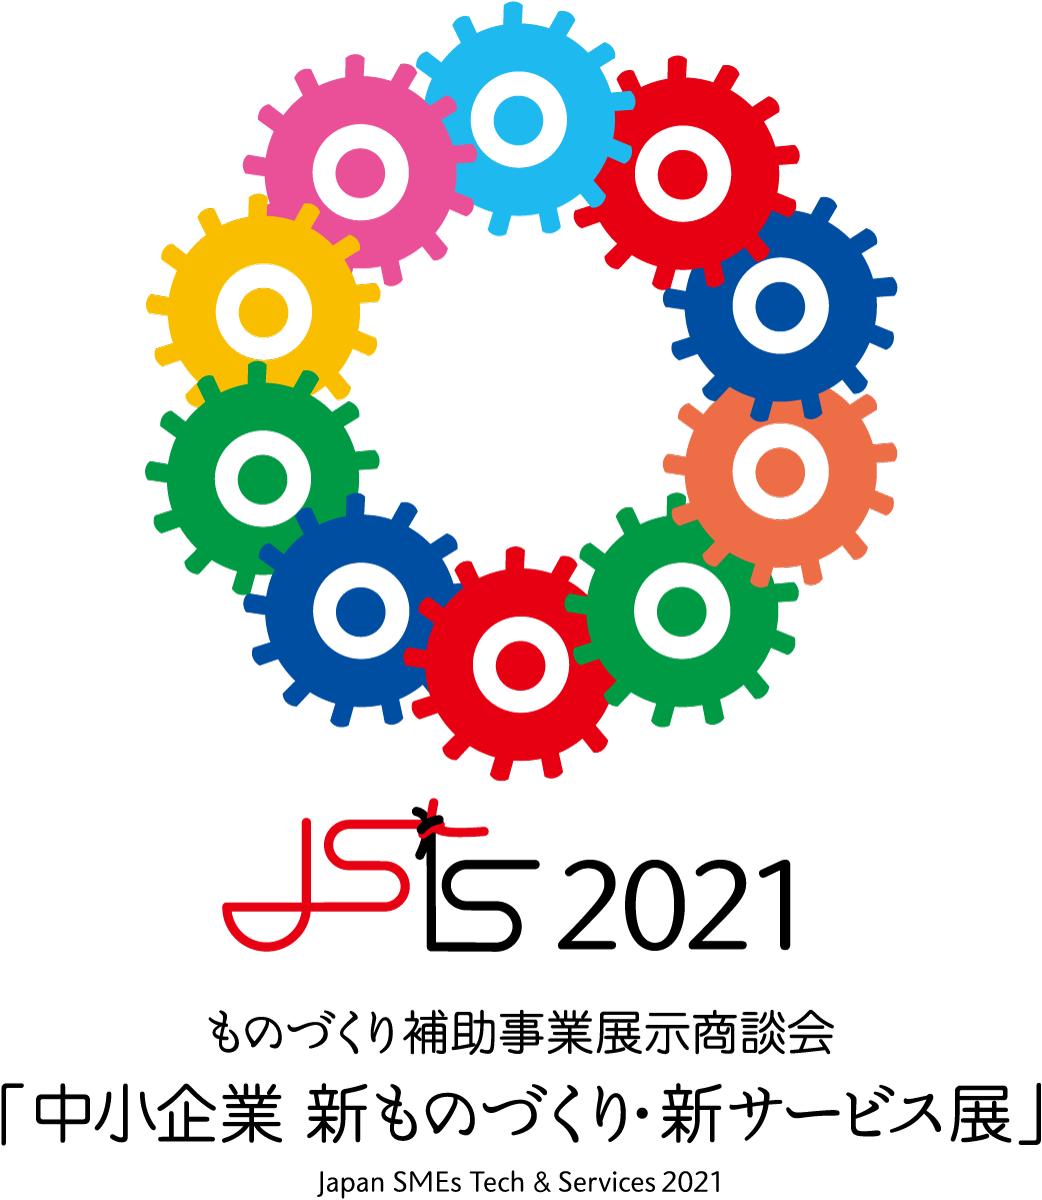 東京ビッグサイト展示会に出展2021年12月8日~10日東7ホールⅮ07